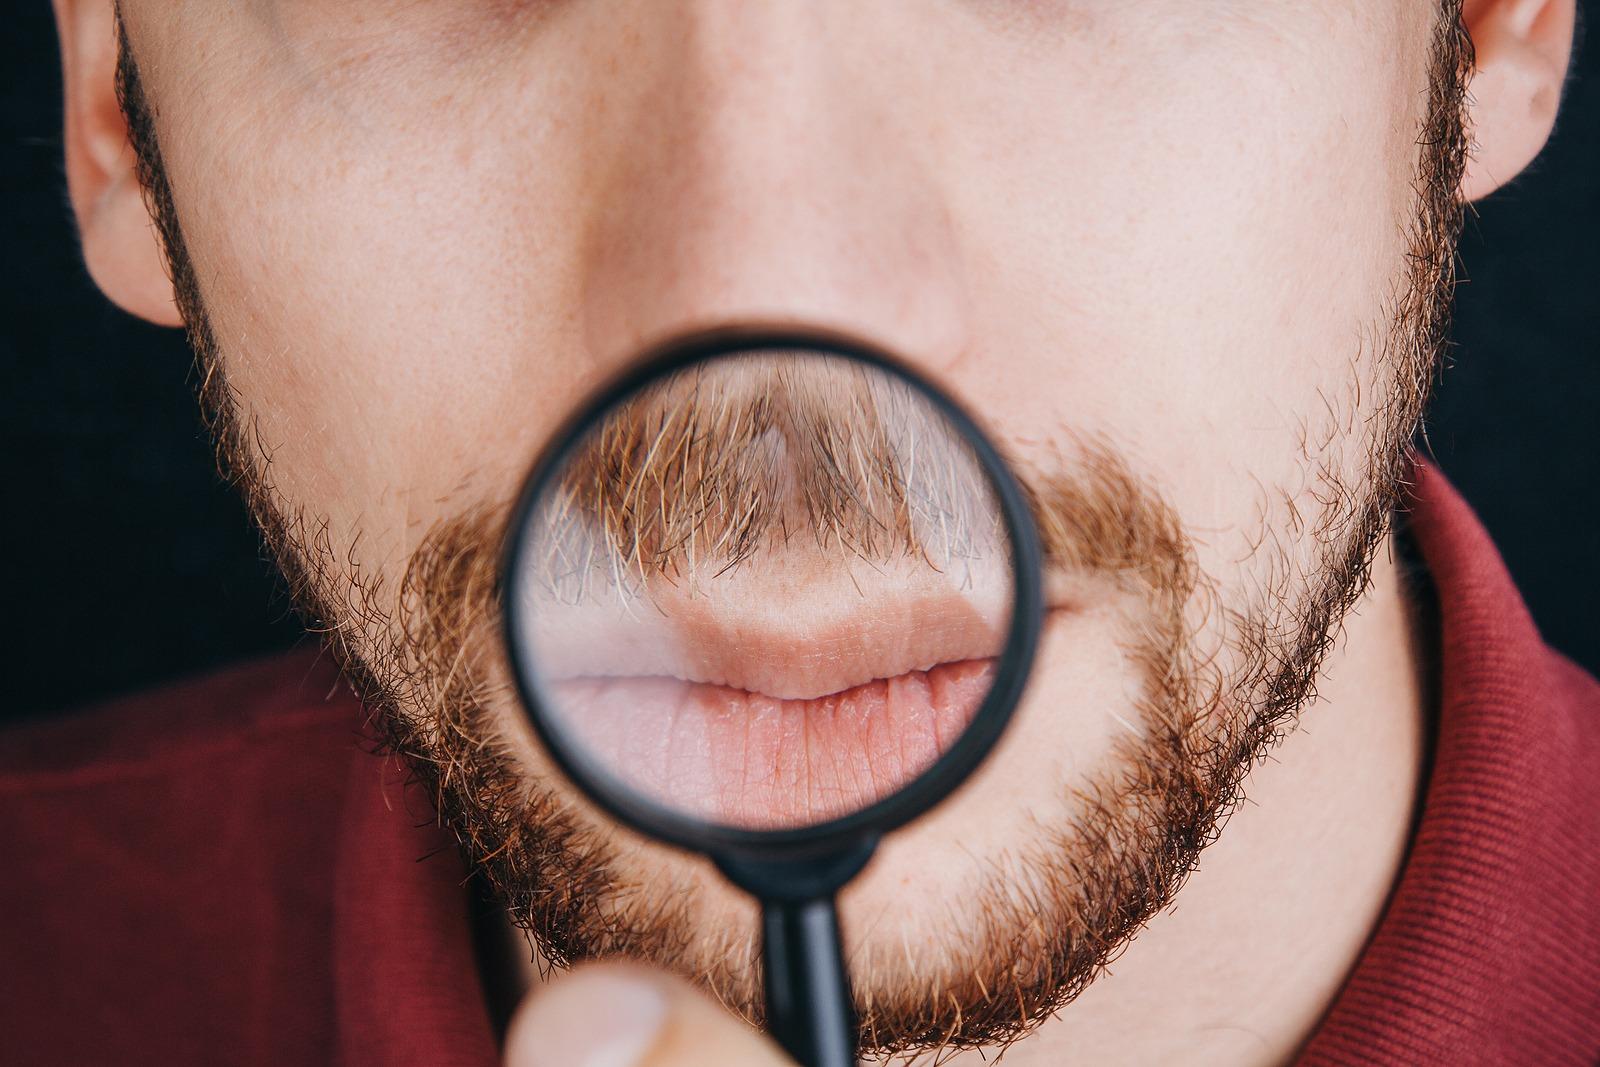 Kreisrunden Haarausfall am Bart